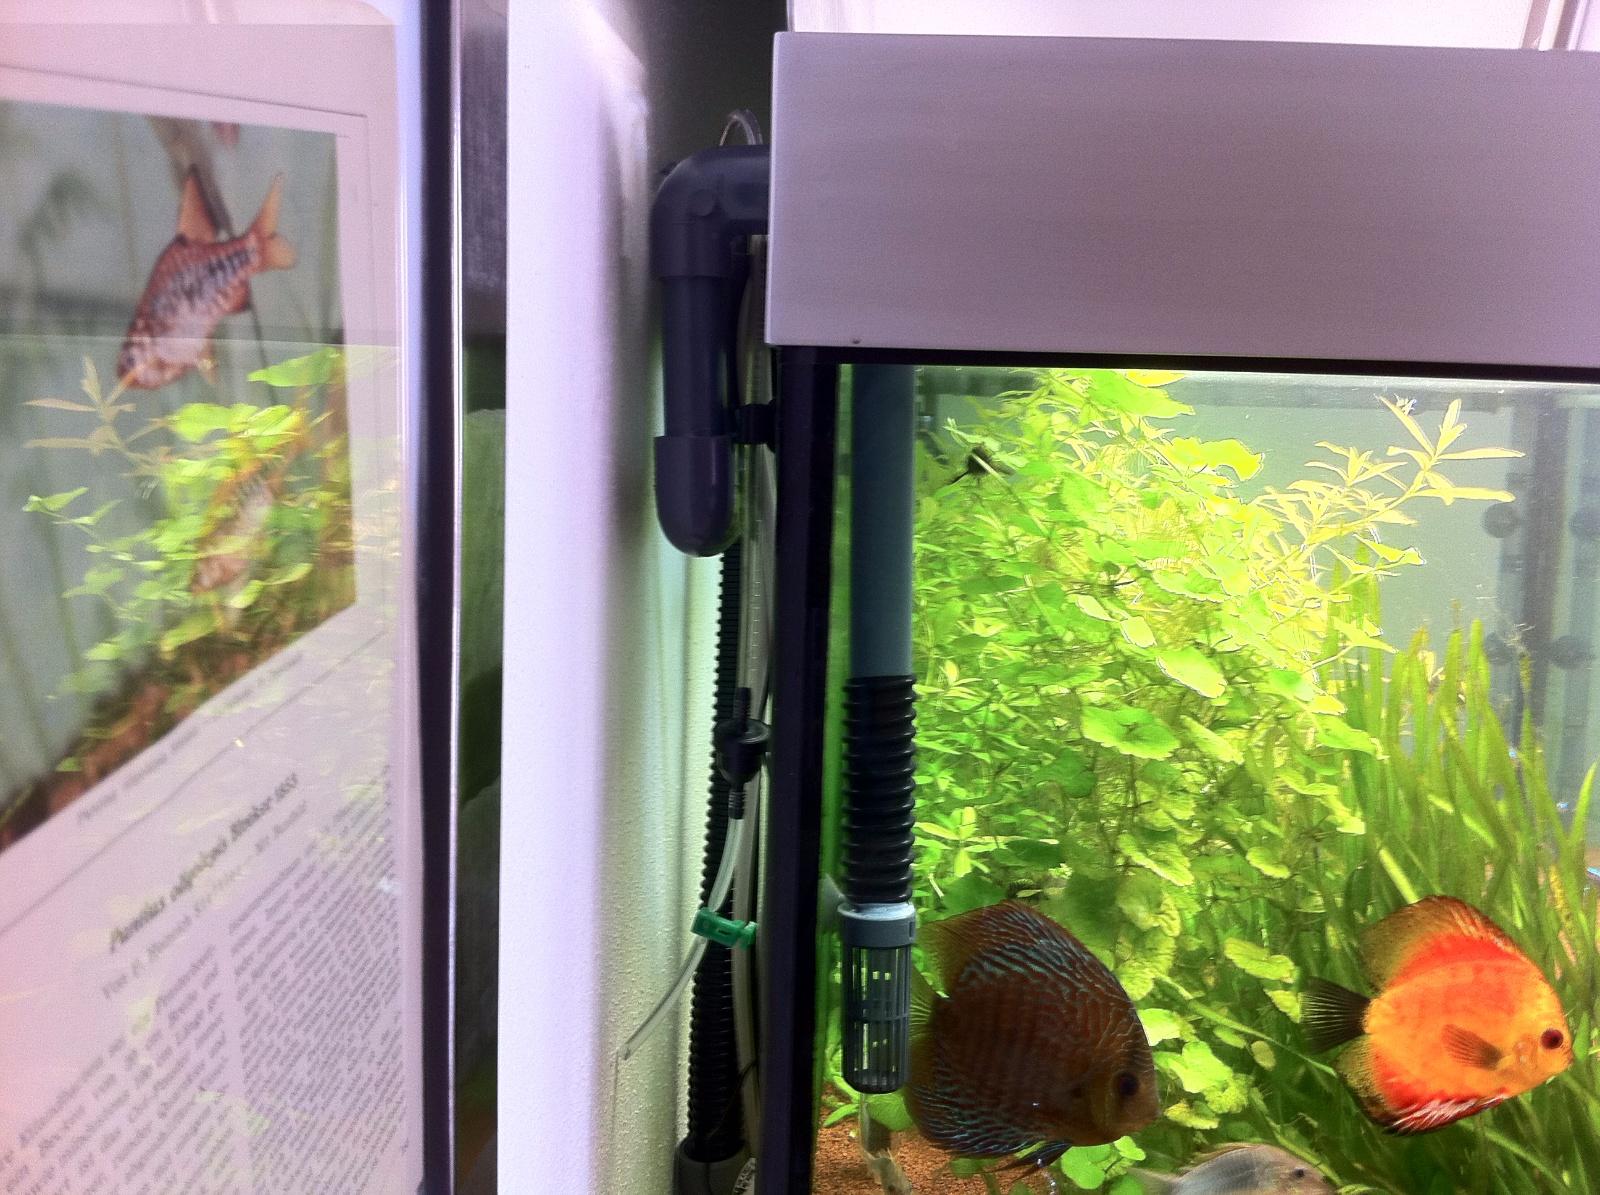 Bauanleitung Aquariumuberlauf Ohne Bohrung Abenteuer Aquarium De